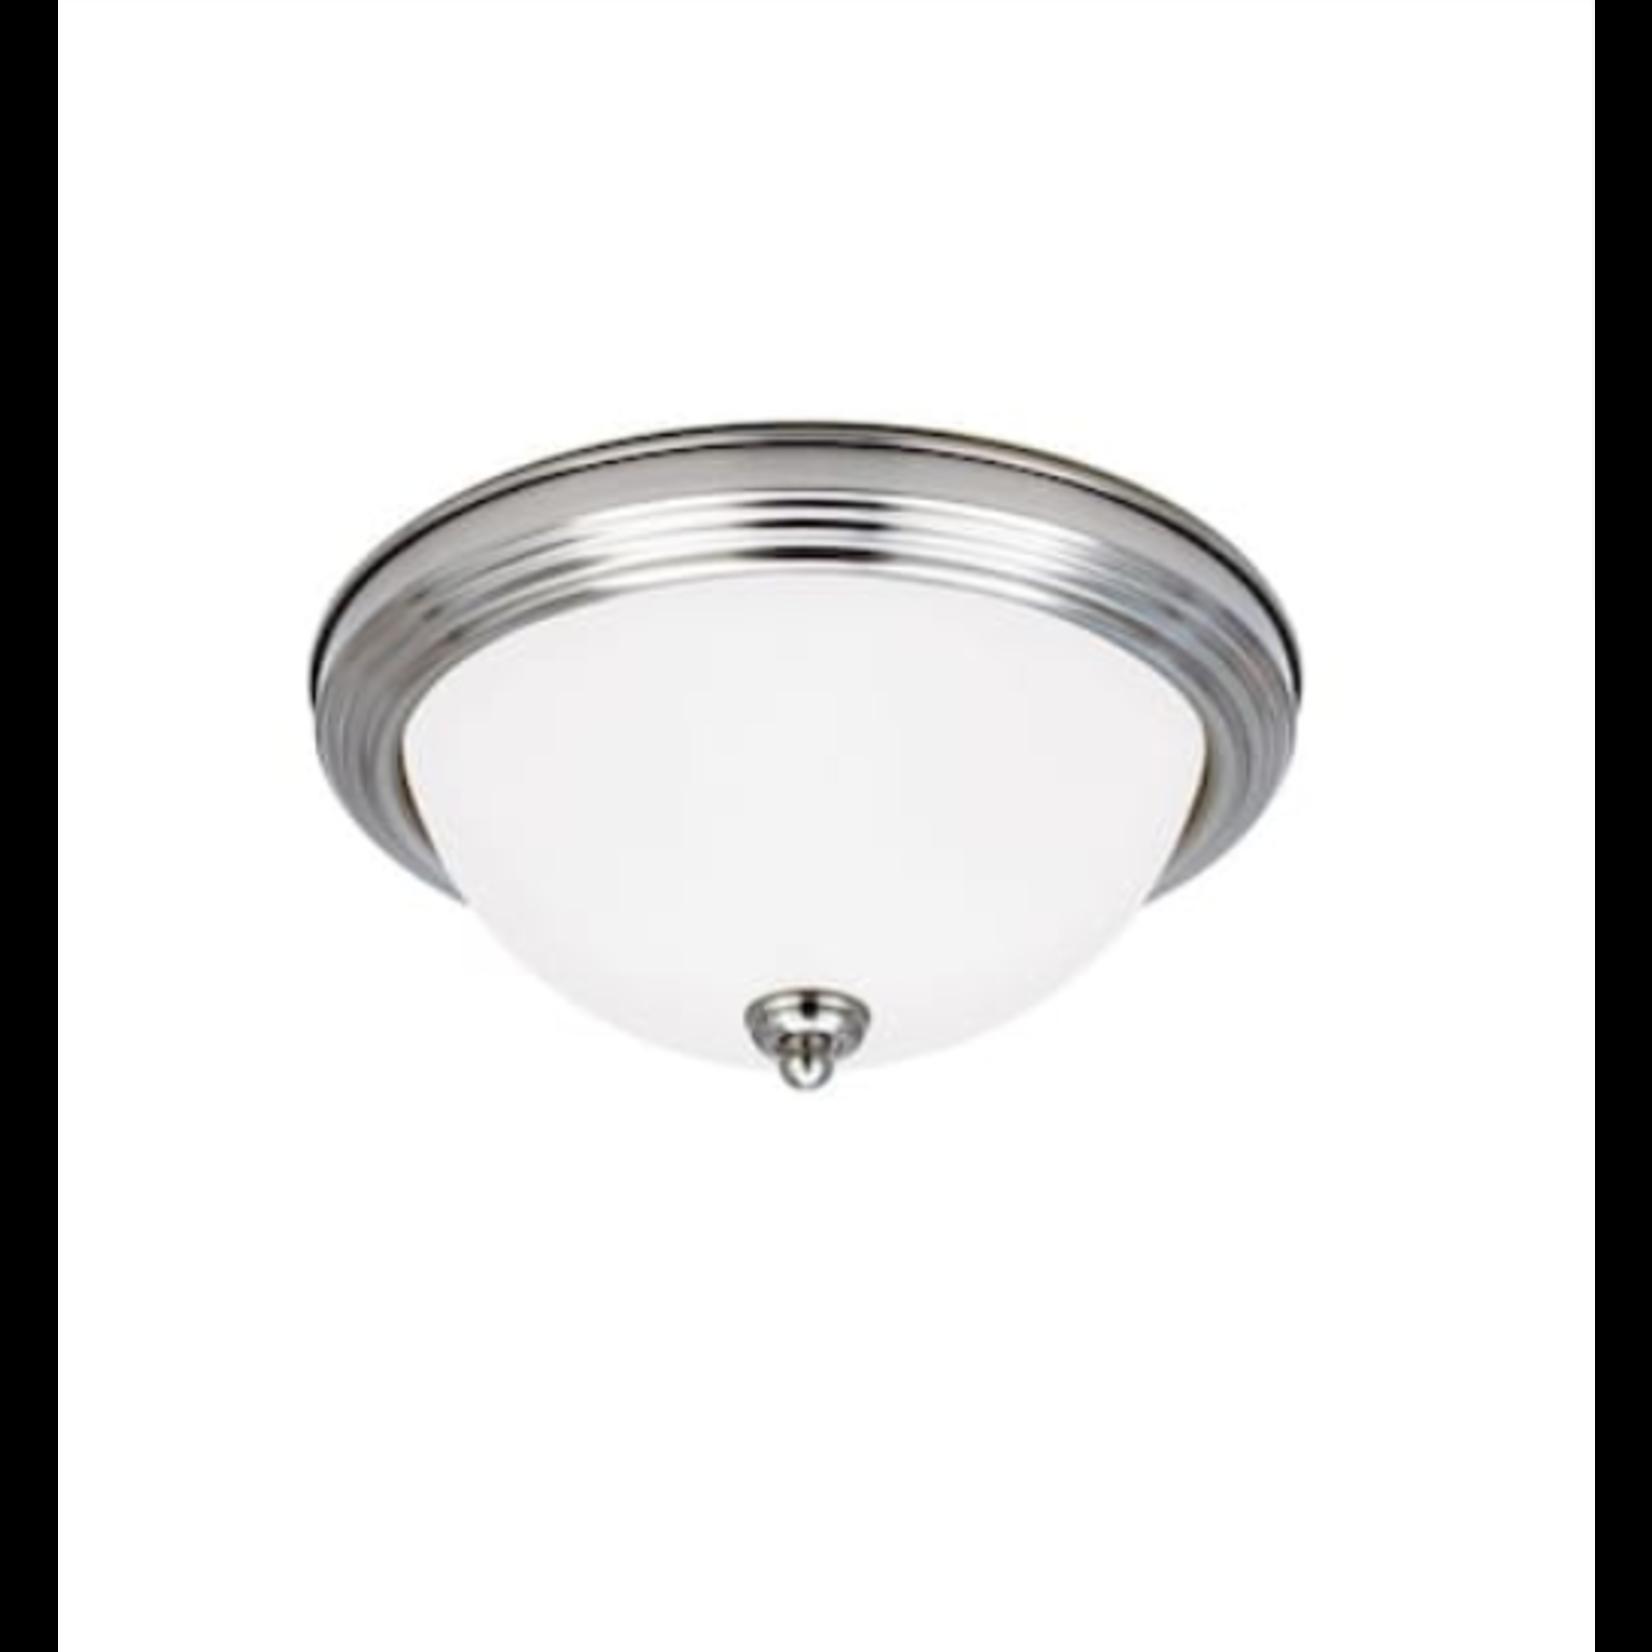 10388 SeaGull Lighting Flush Mount Light